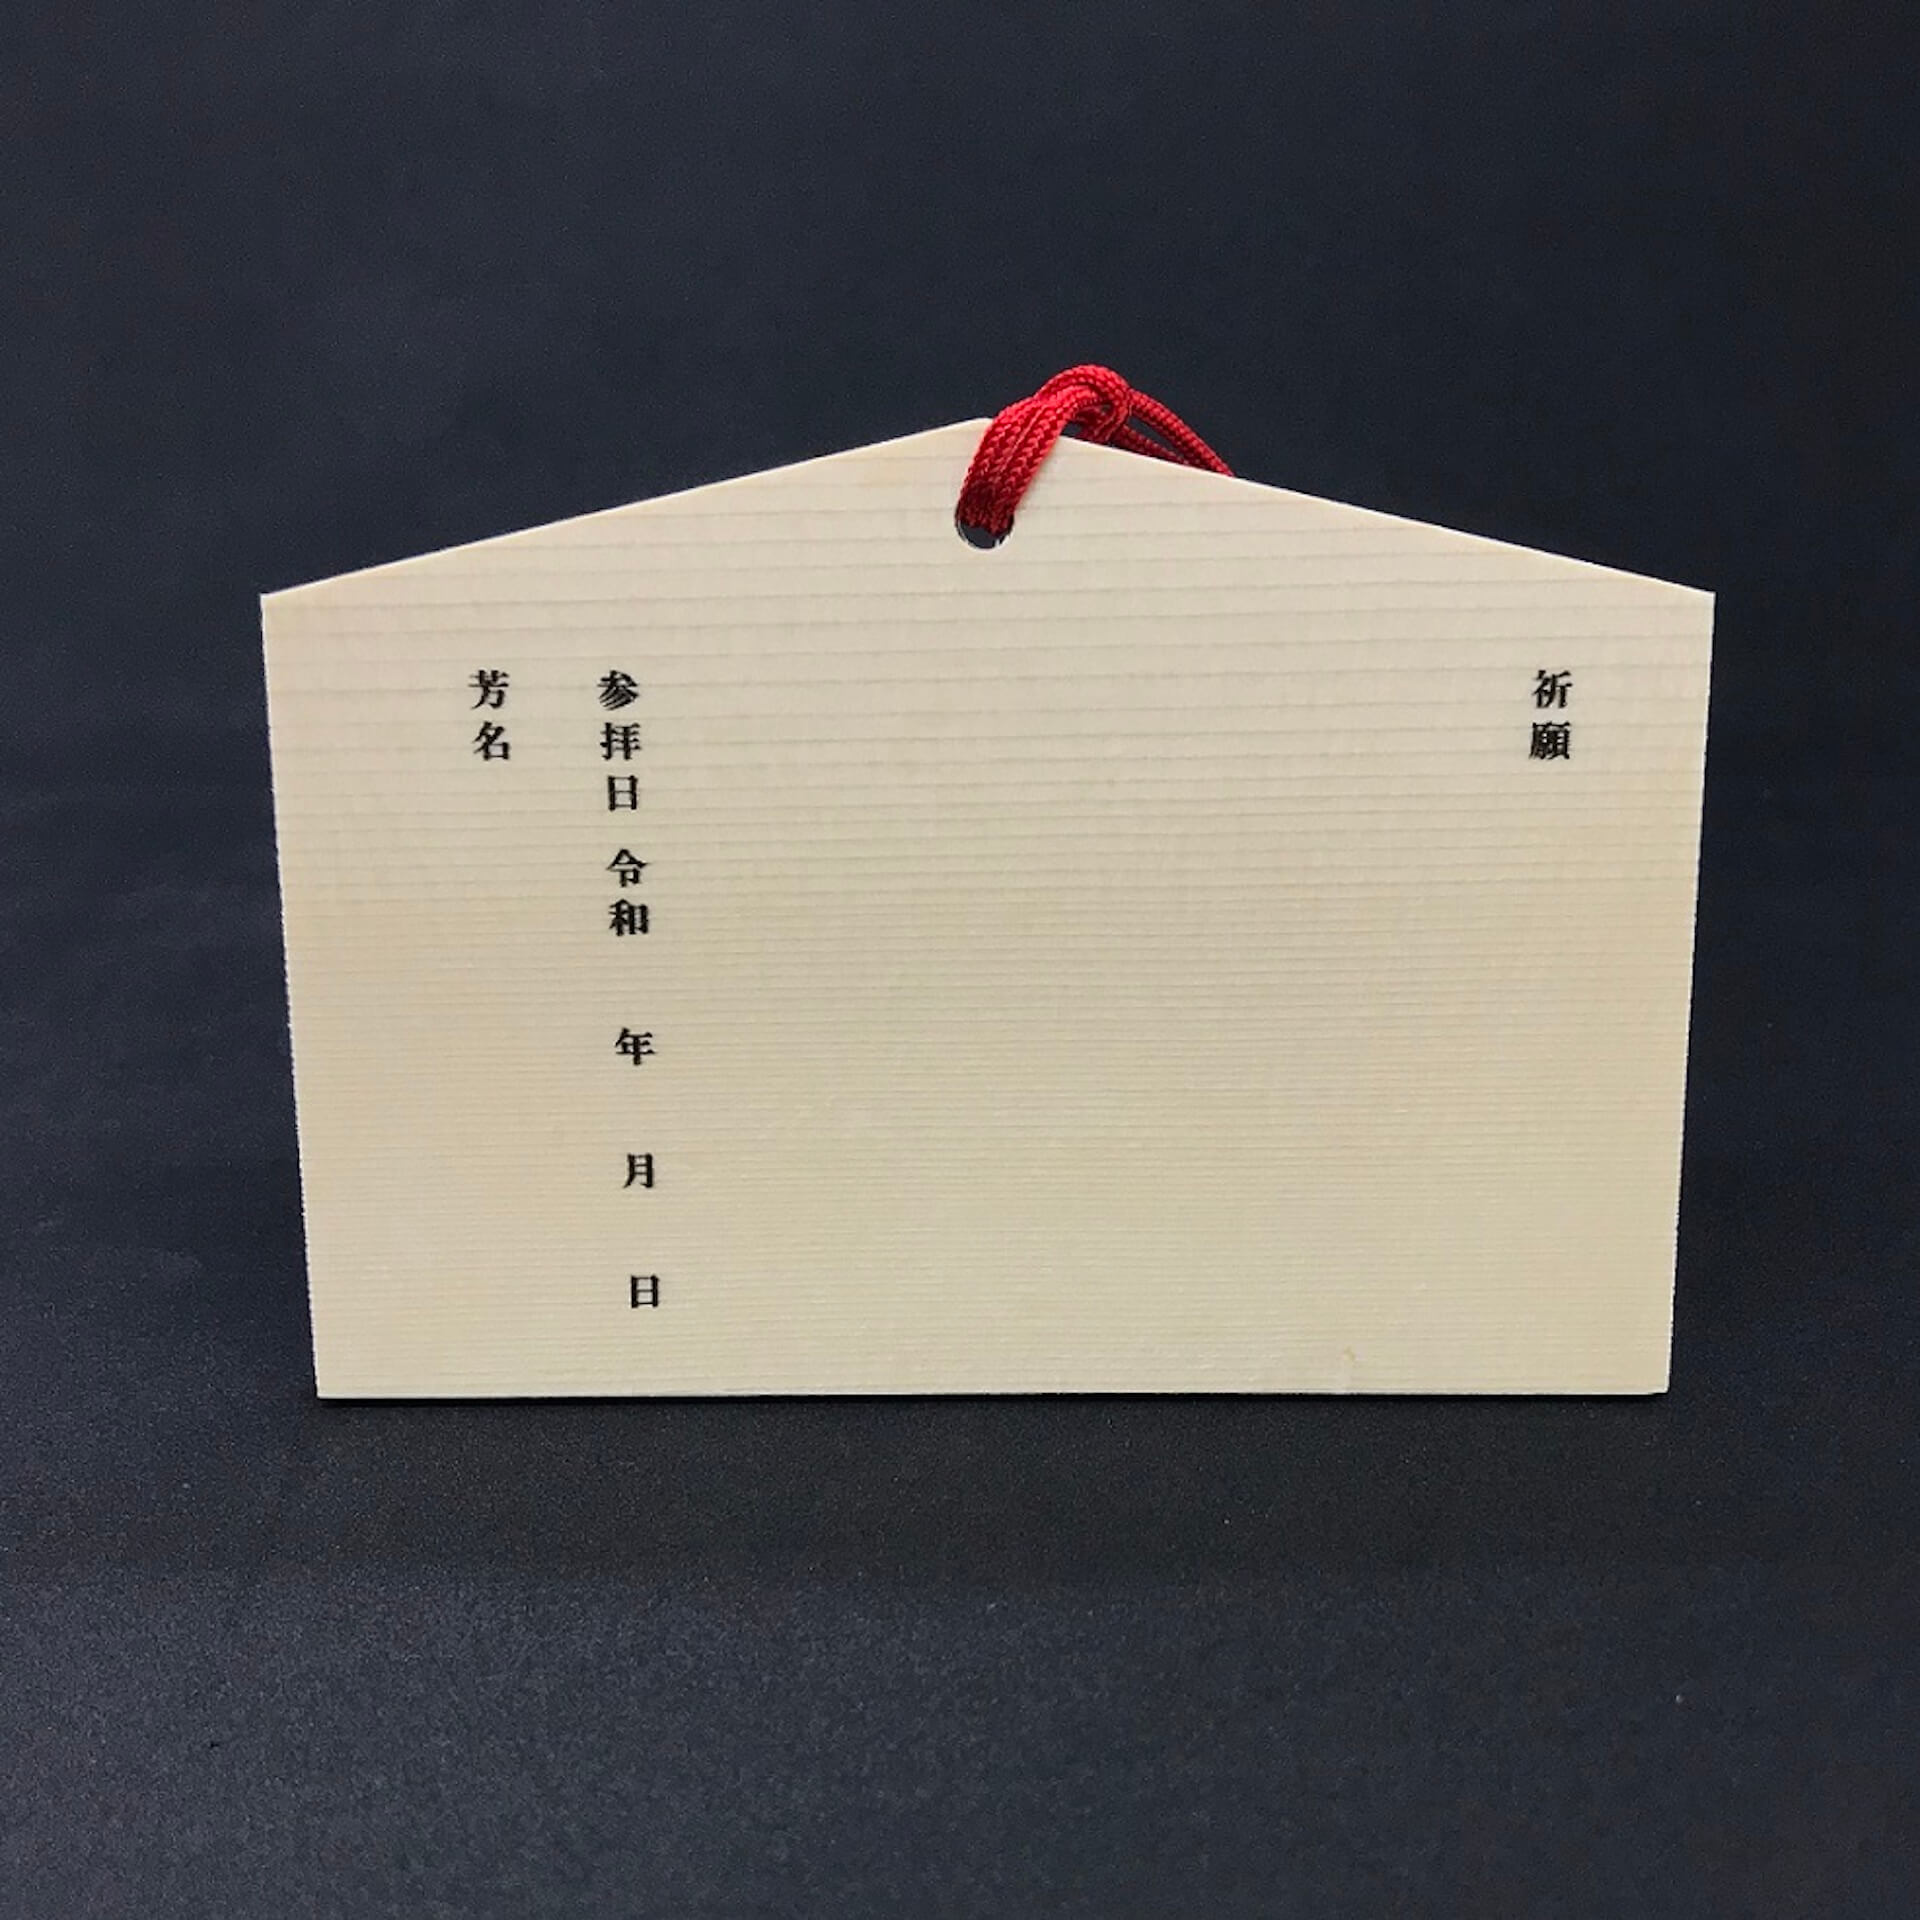 年末年始は『シン・ゴジラ』でお参りしよう!あの「タバ戦闘団前方 指揮所」が設置された多摩川浅間神社とコラボしたお守り&絵馬セット登場 film191226_godzilla_2